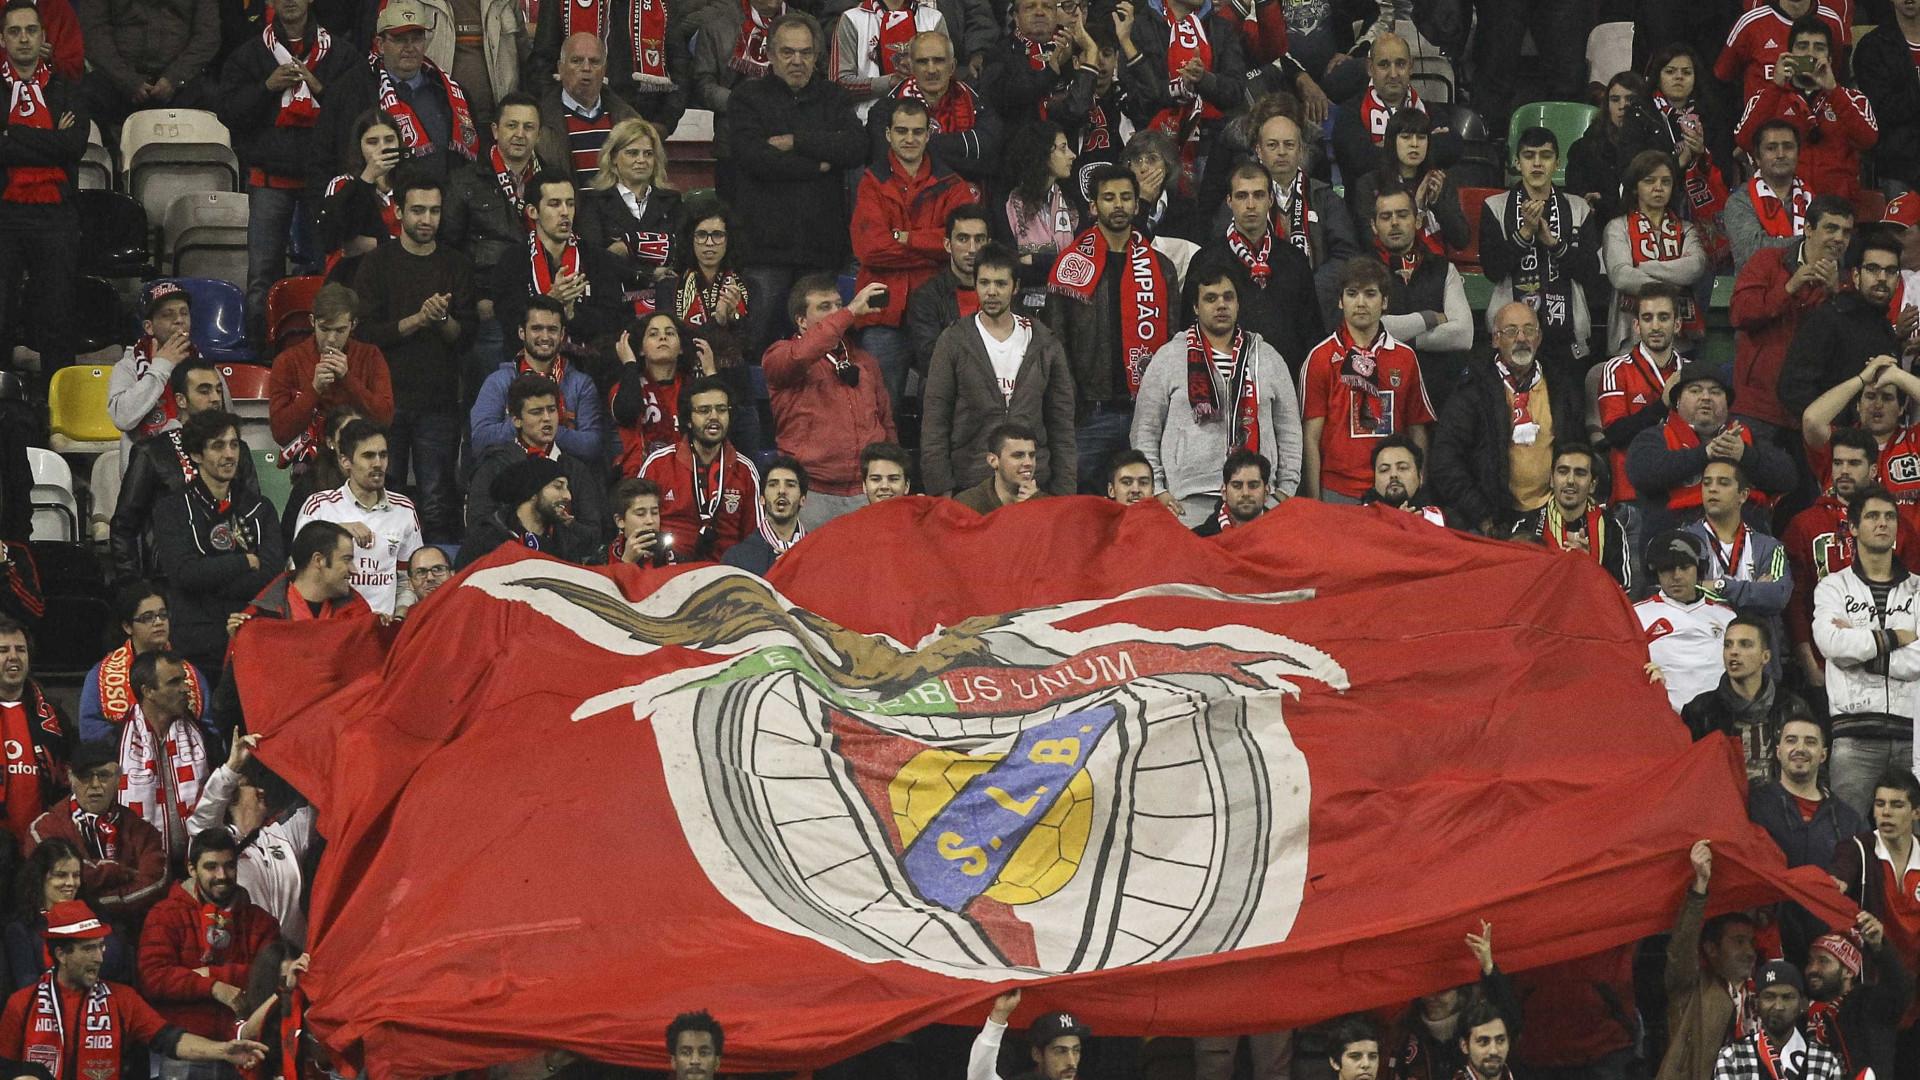 """Benfica pede """"resultados concretos"""" contra """"crimes na praça pública"""""""